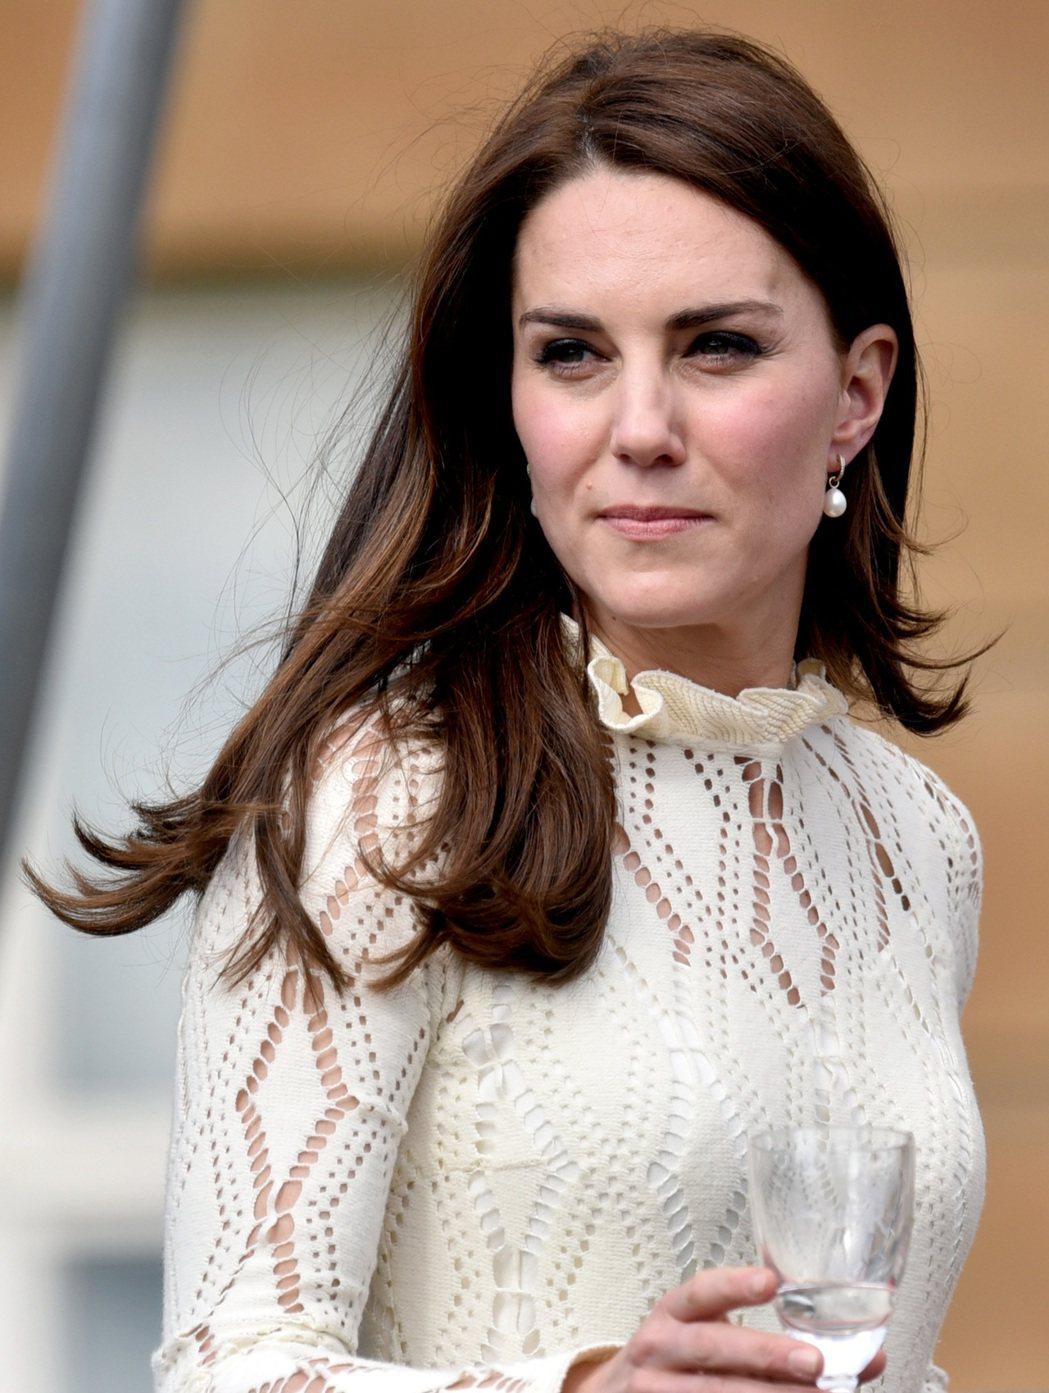 凱特完美的公眾形象之下,有外人不得而知的真實性情。圖/路透資料照片